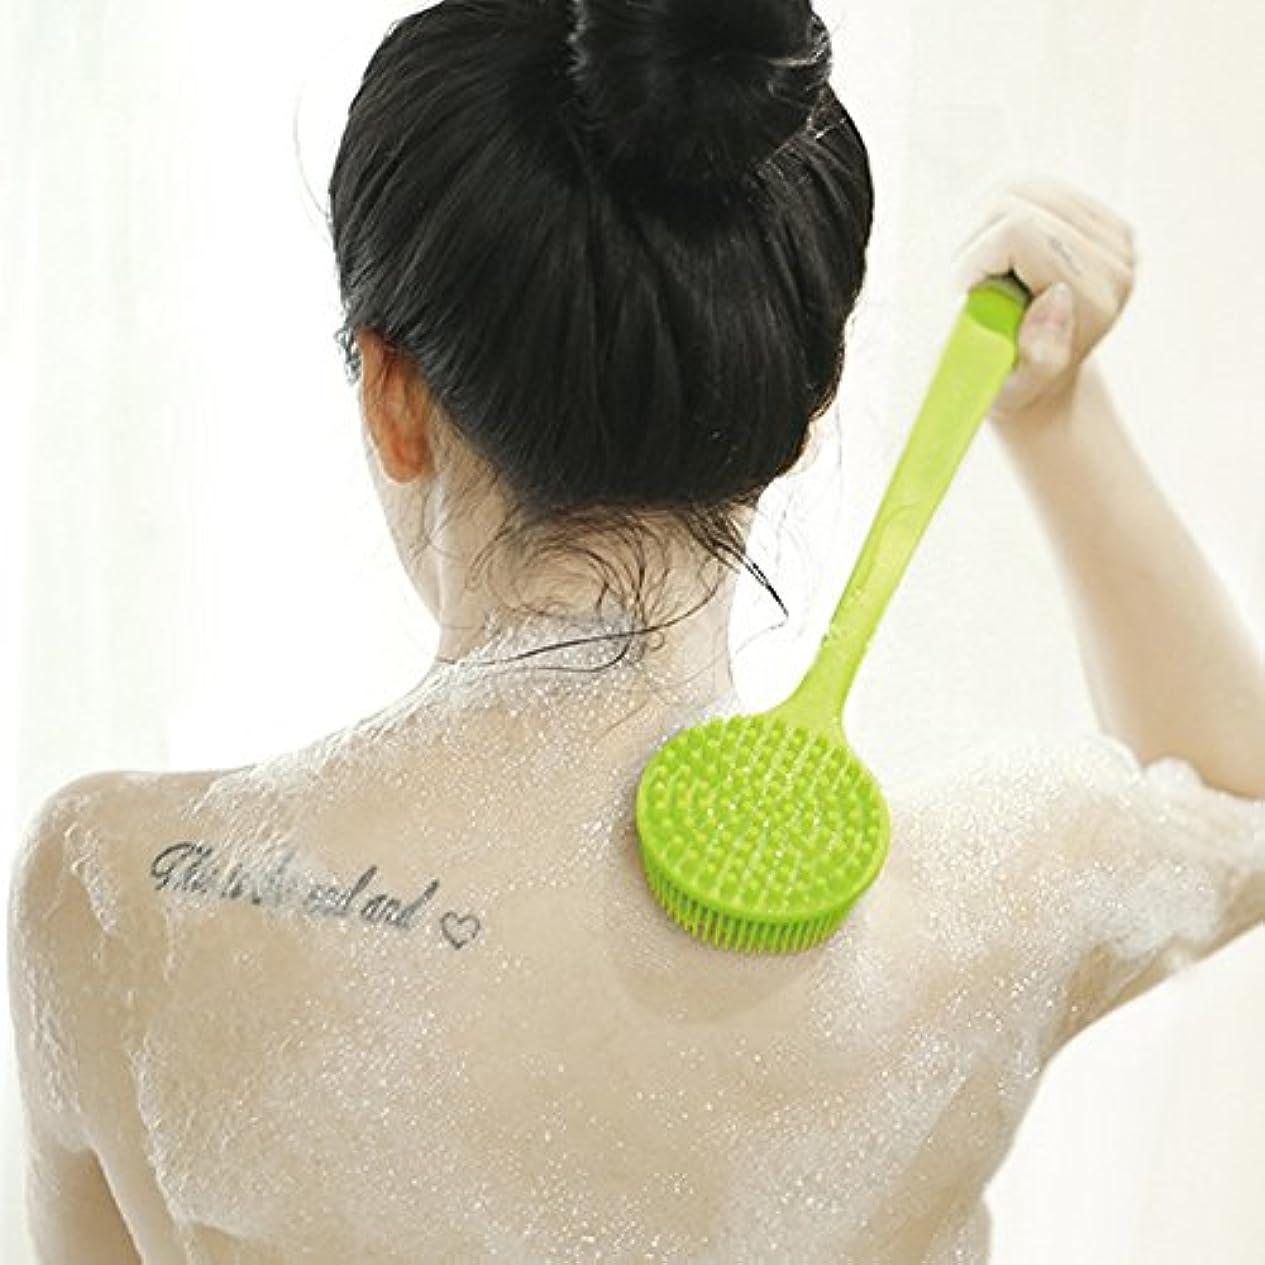 蛾記念ビュッフェボディブラシ シャワーブラシ お風呂用 シリコン製 体洗い マッサージブラシ 毛穴洗浄 角質除去 多機能 柔らかい